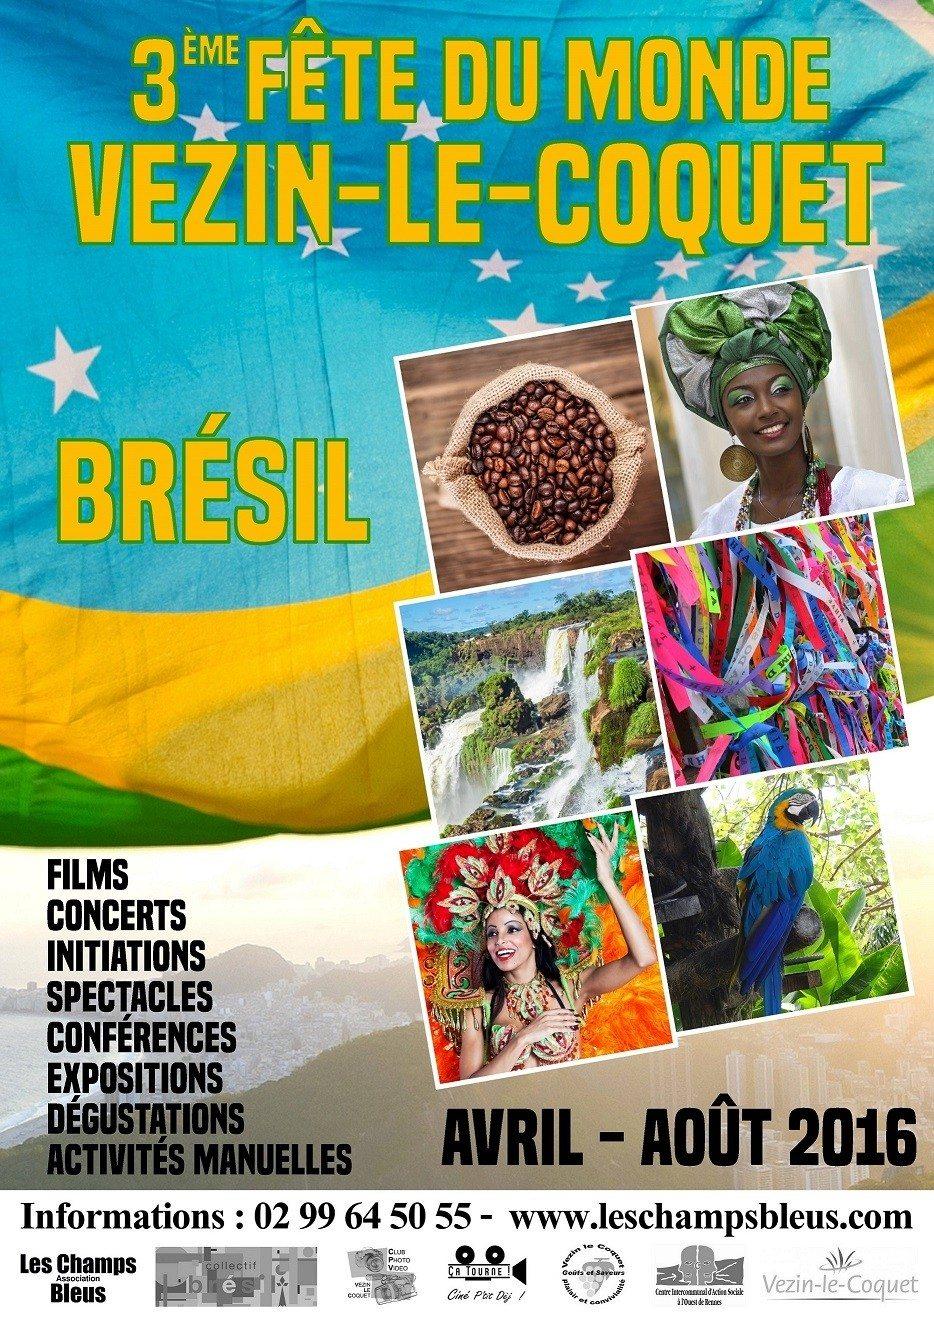 Être Noir au Brésil Vezin-le-Coquet